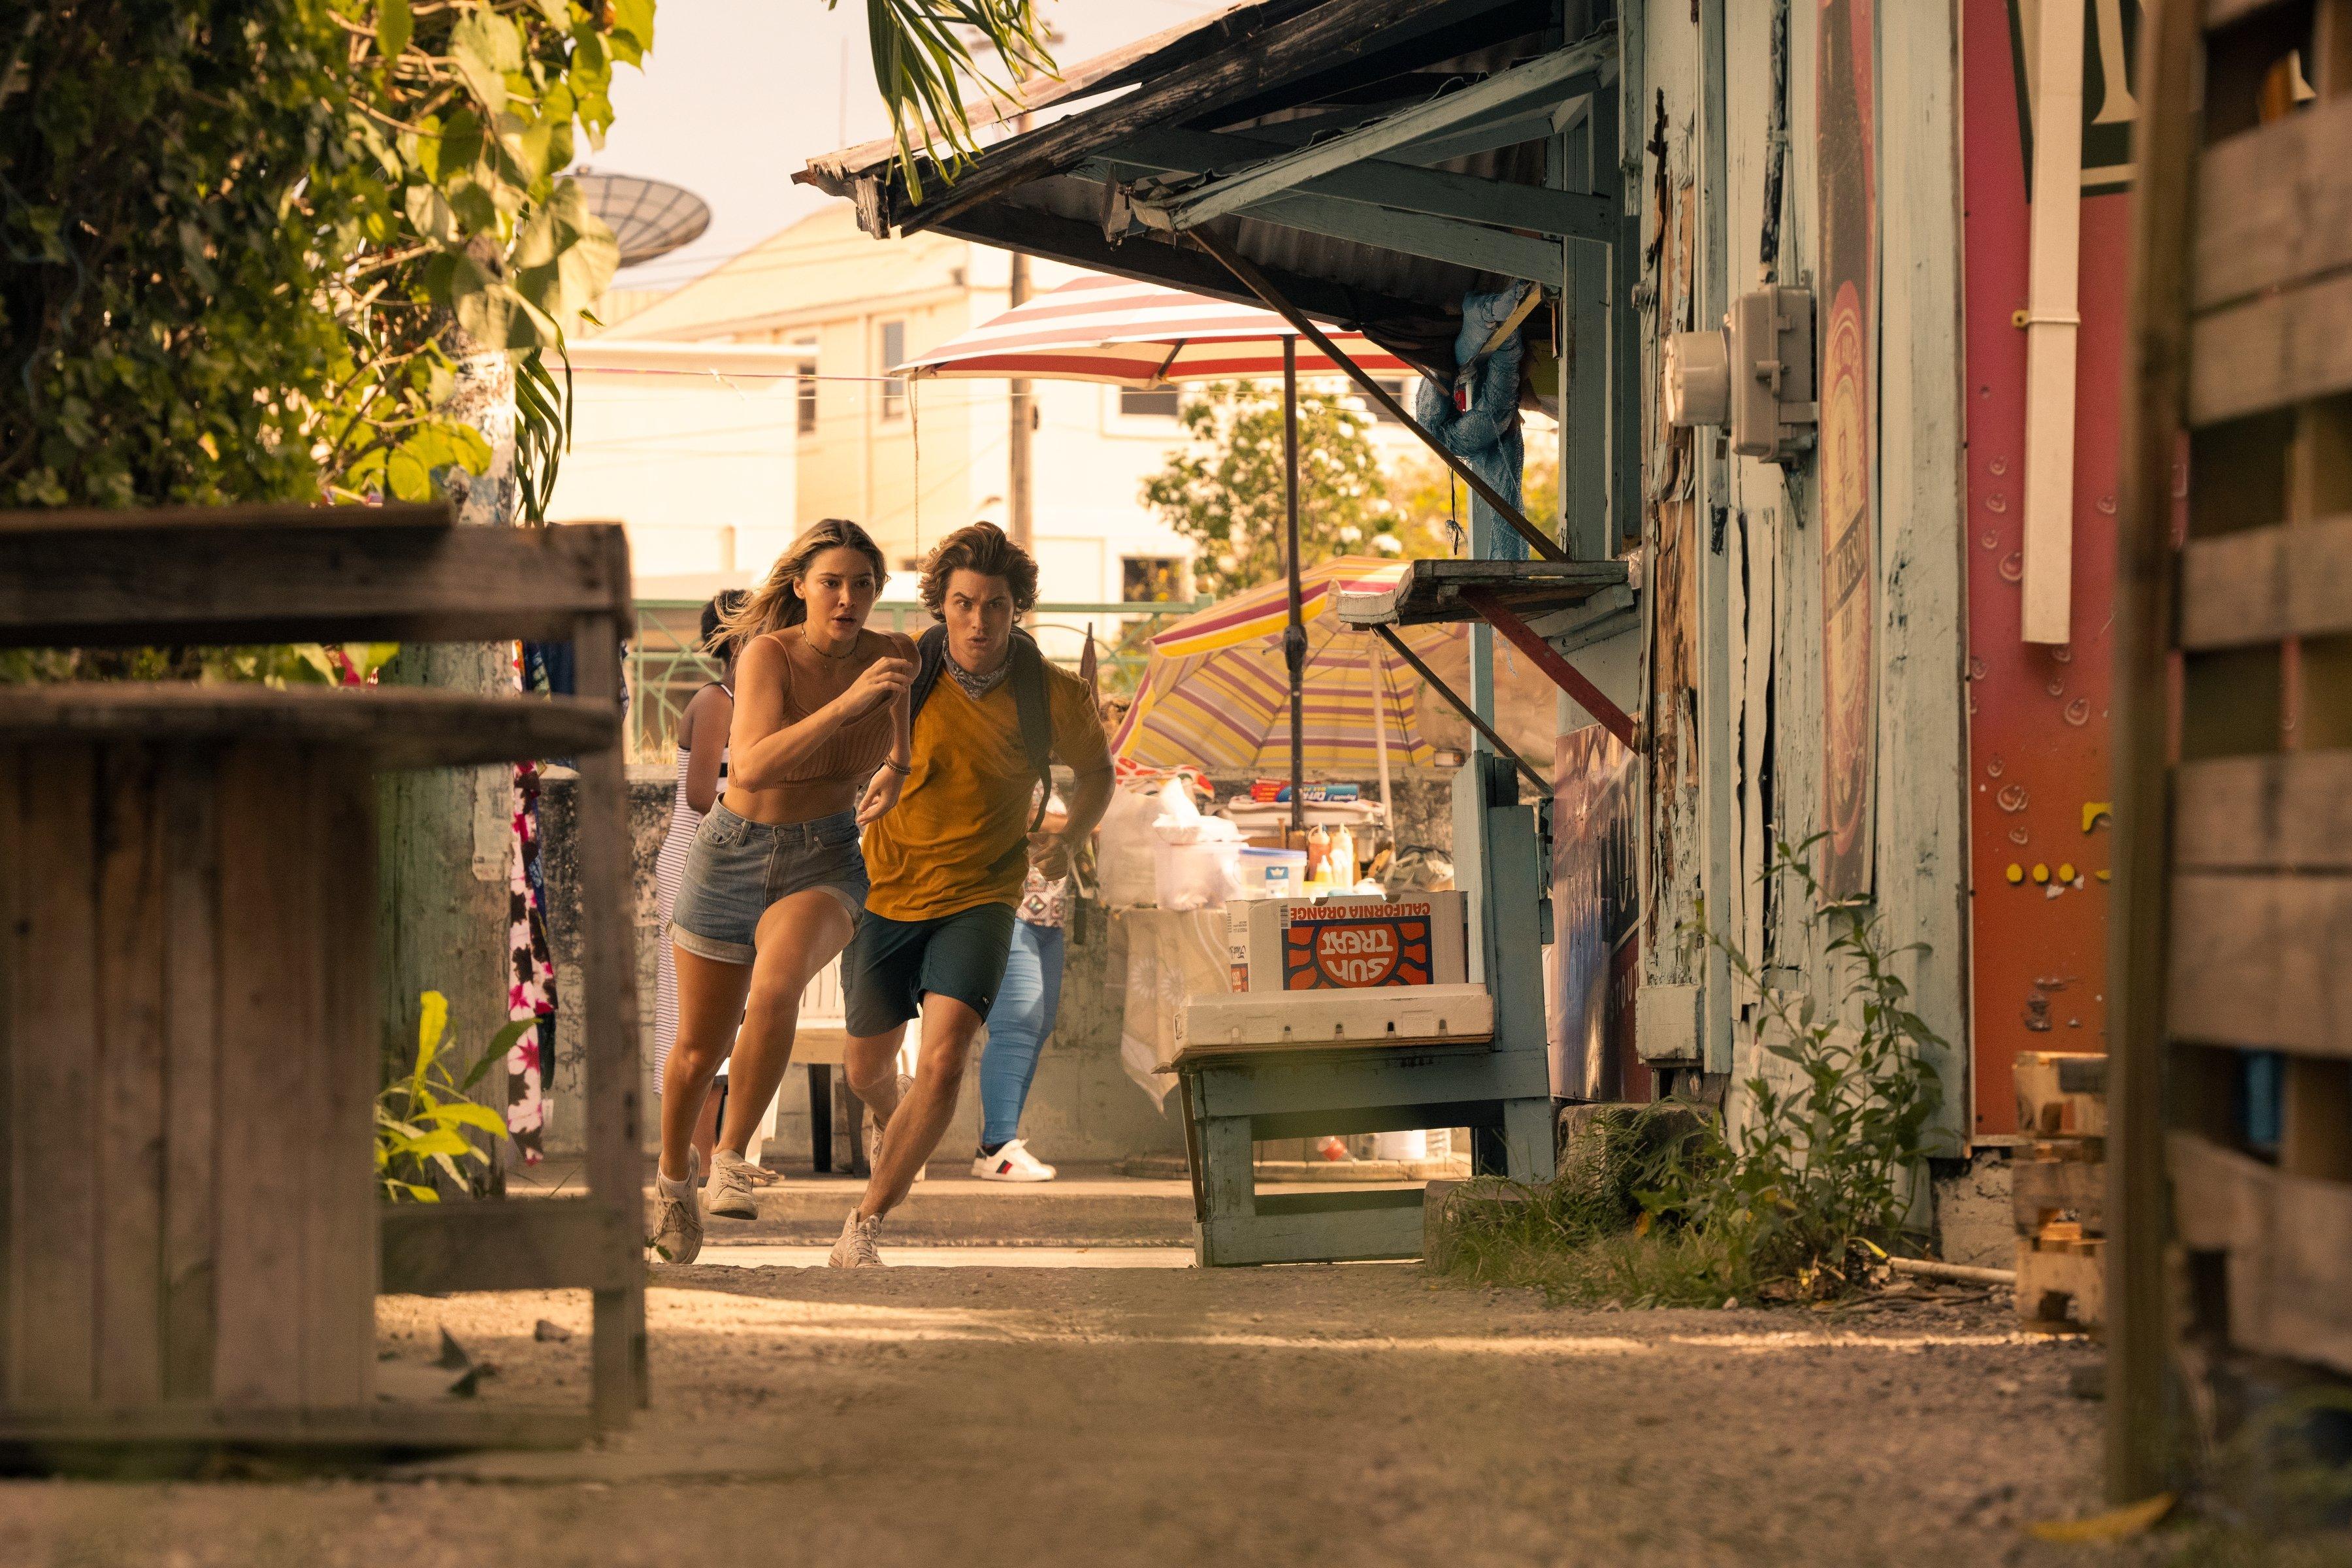 Sarah e John B. correndo juntos em cena de Outer Banks, eles estão na rua e parecem estar fugindo de alguém